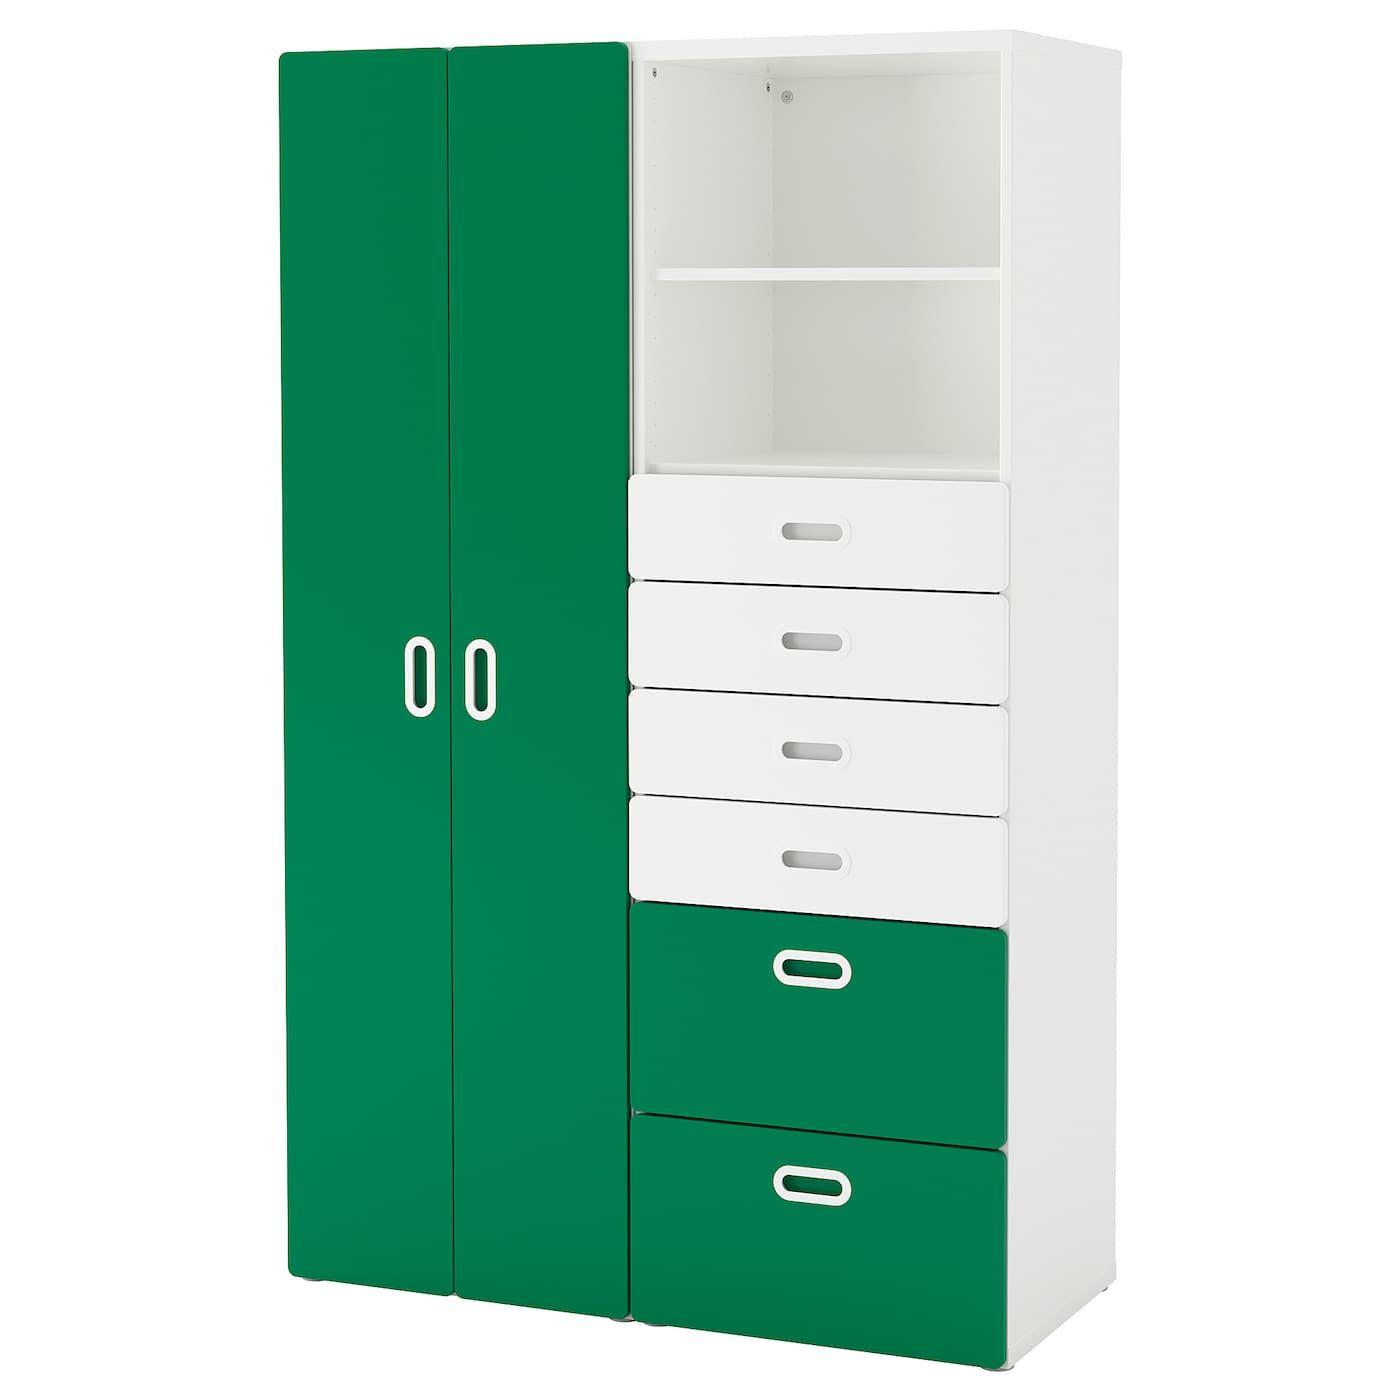 STUVA / FRITIDS Kleiderschrank weiß, grün Kleiderschrank